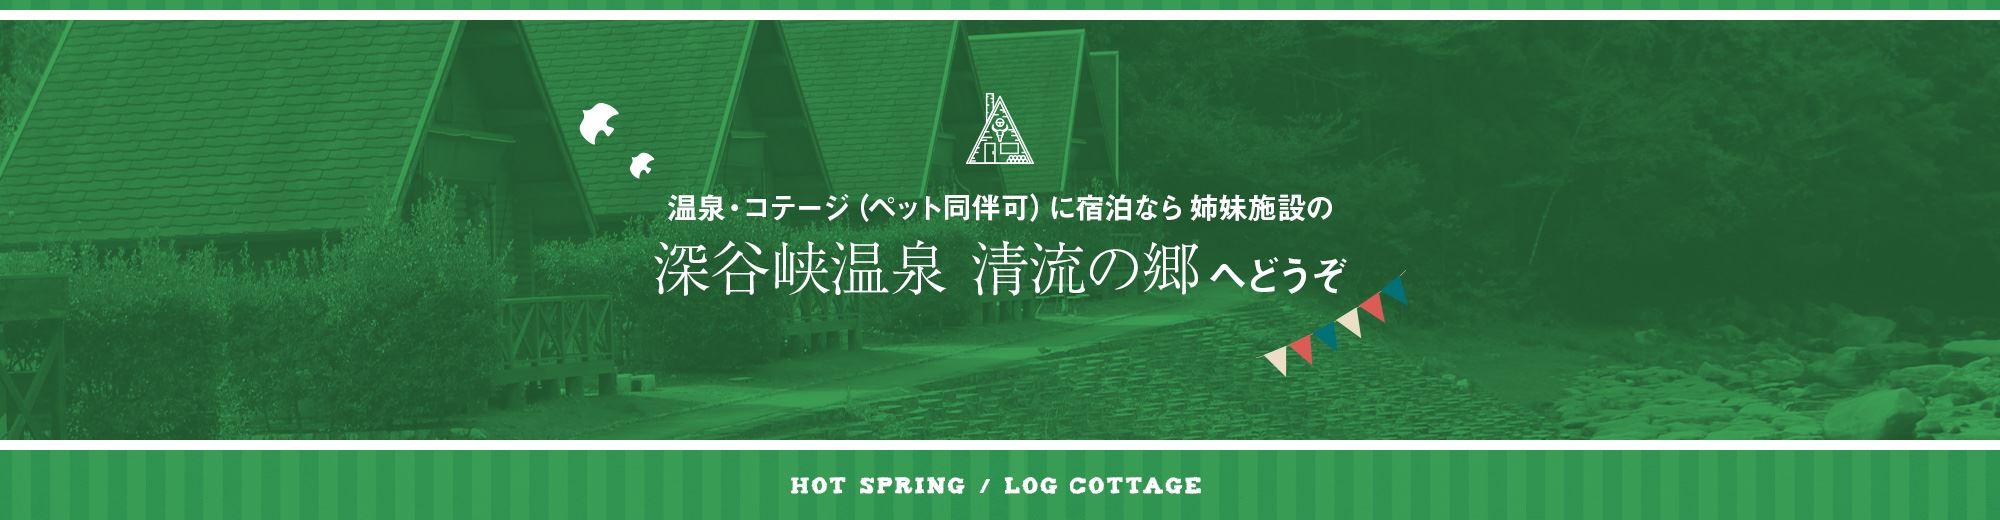 banner_cotage01_10